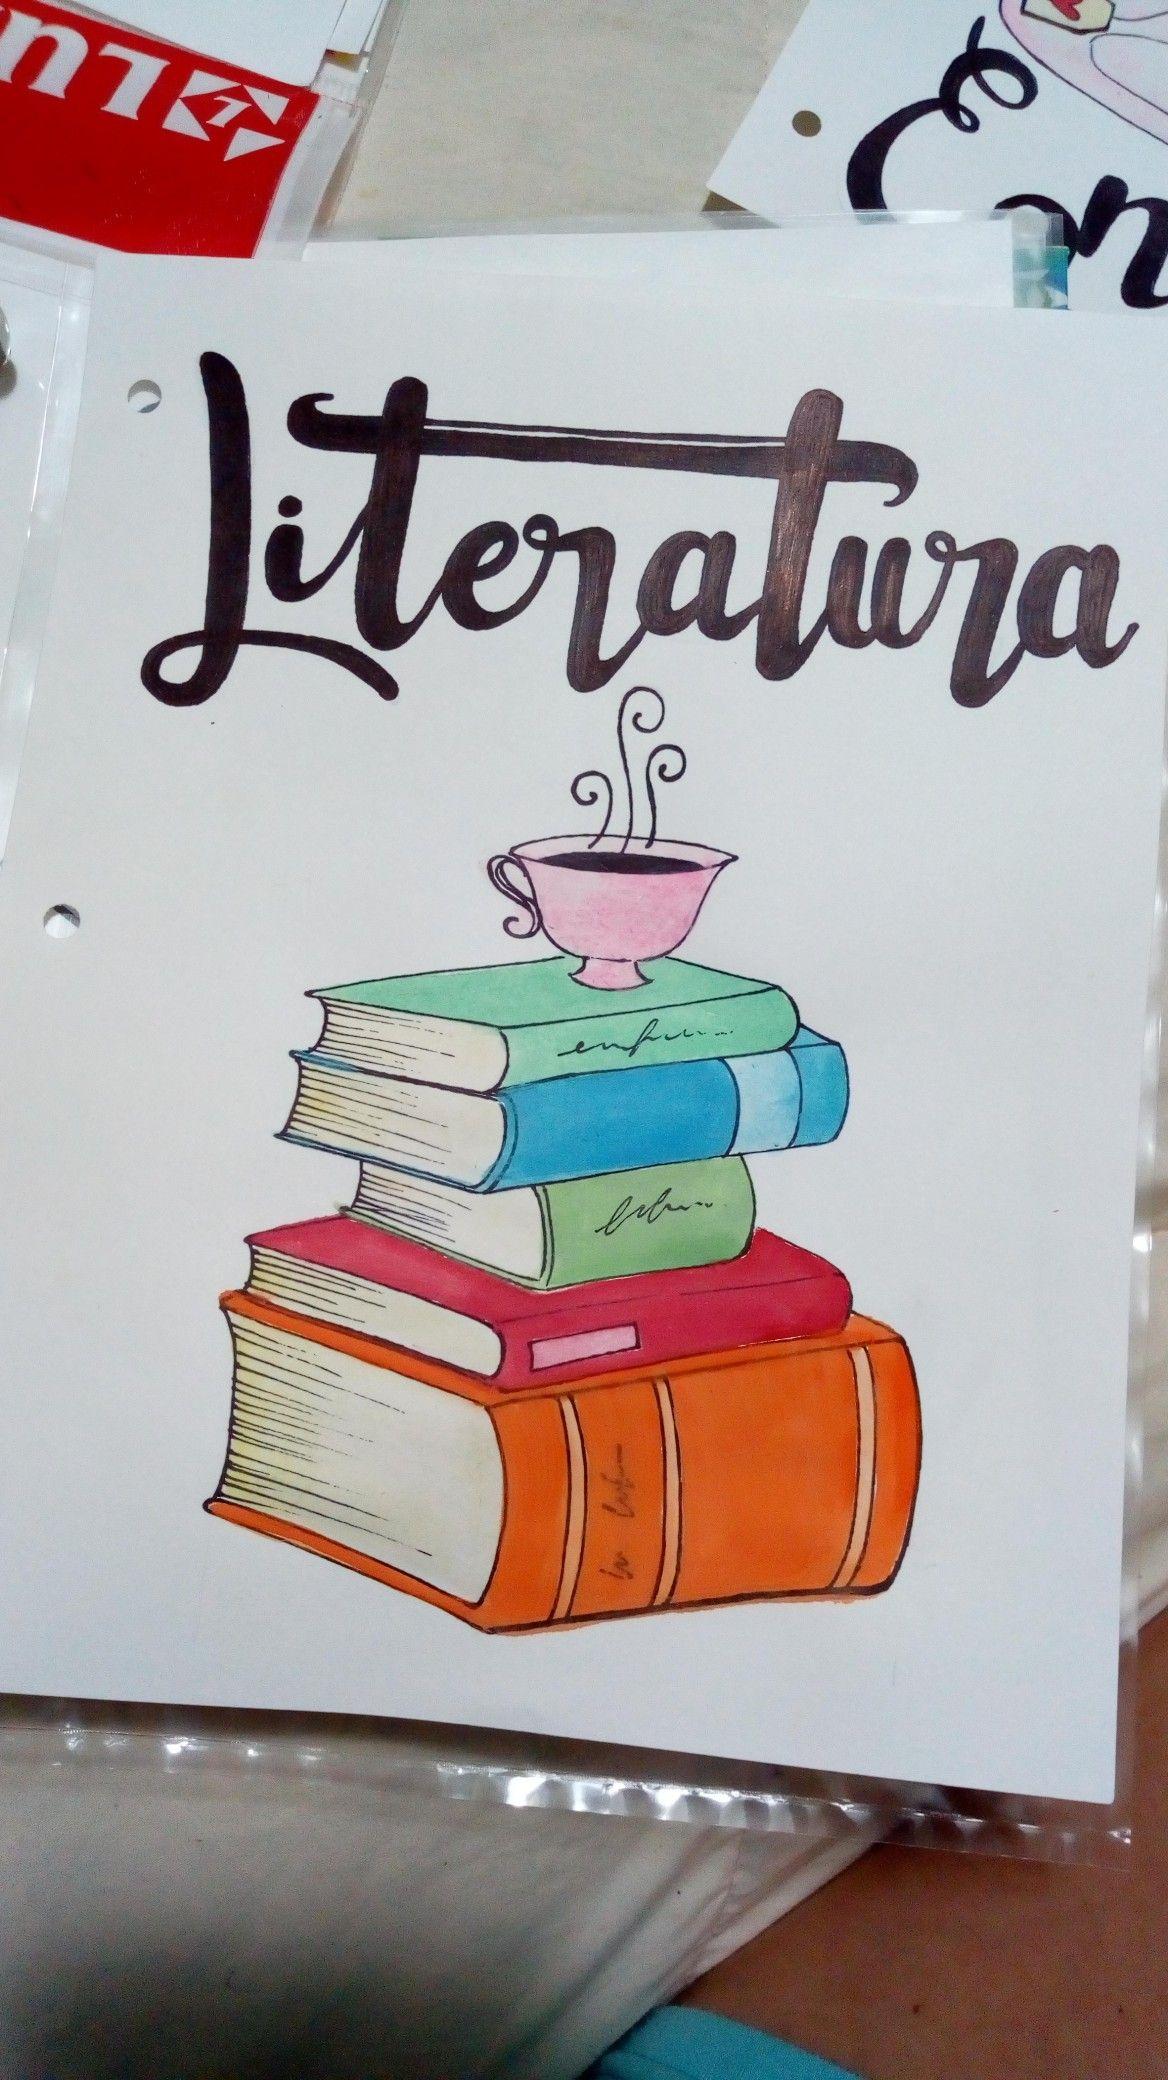 Caratula De Literatura Dibujo Caratula Literatura Acuarelas Capas Para Caderno Tumblr Ideias Para Cadernos Capas De Trabalhos